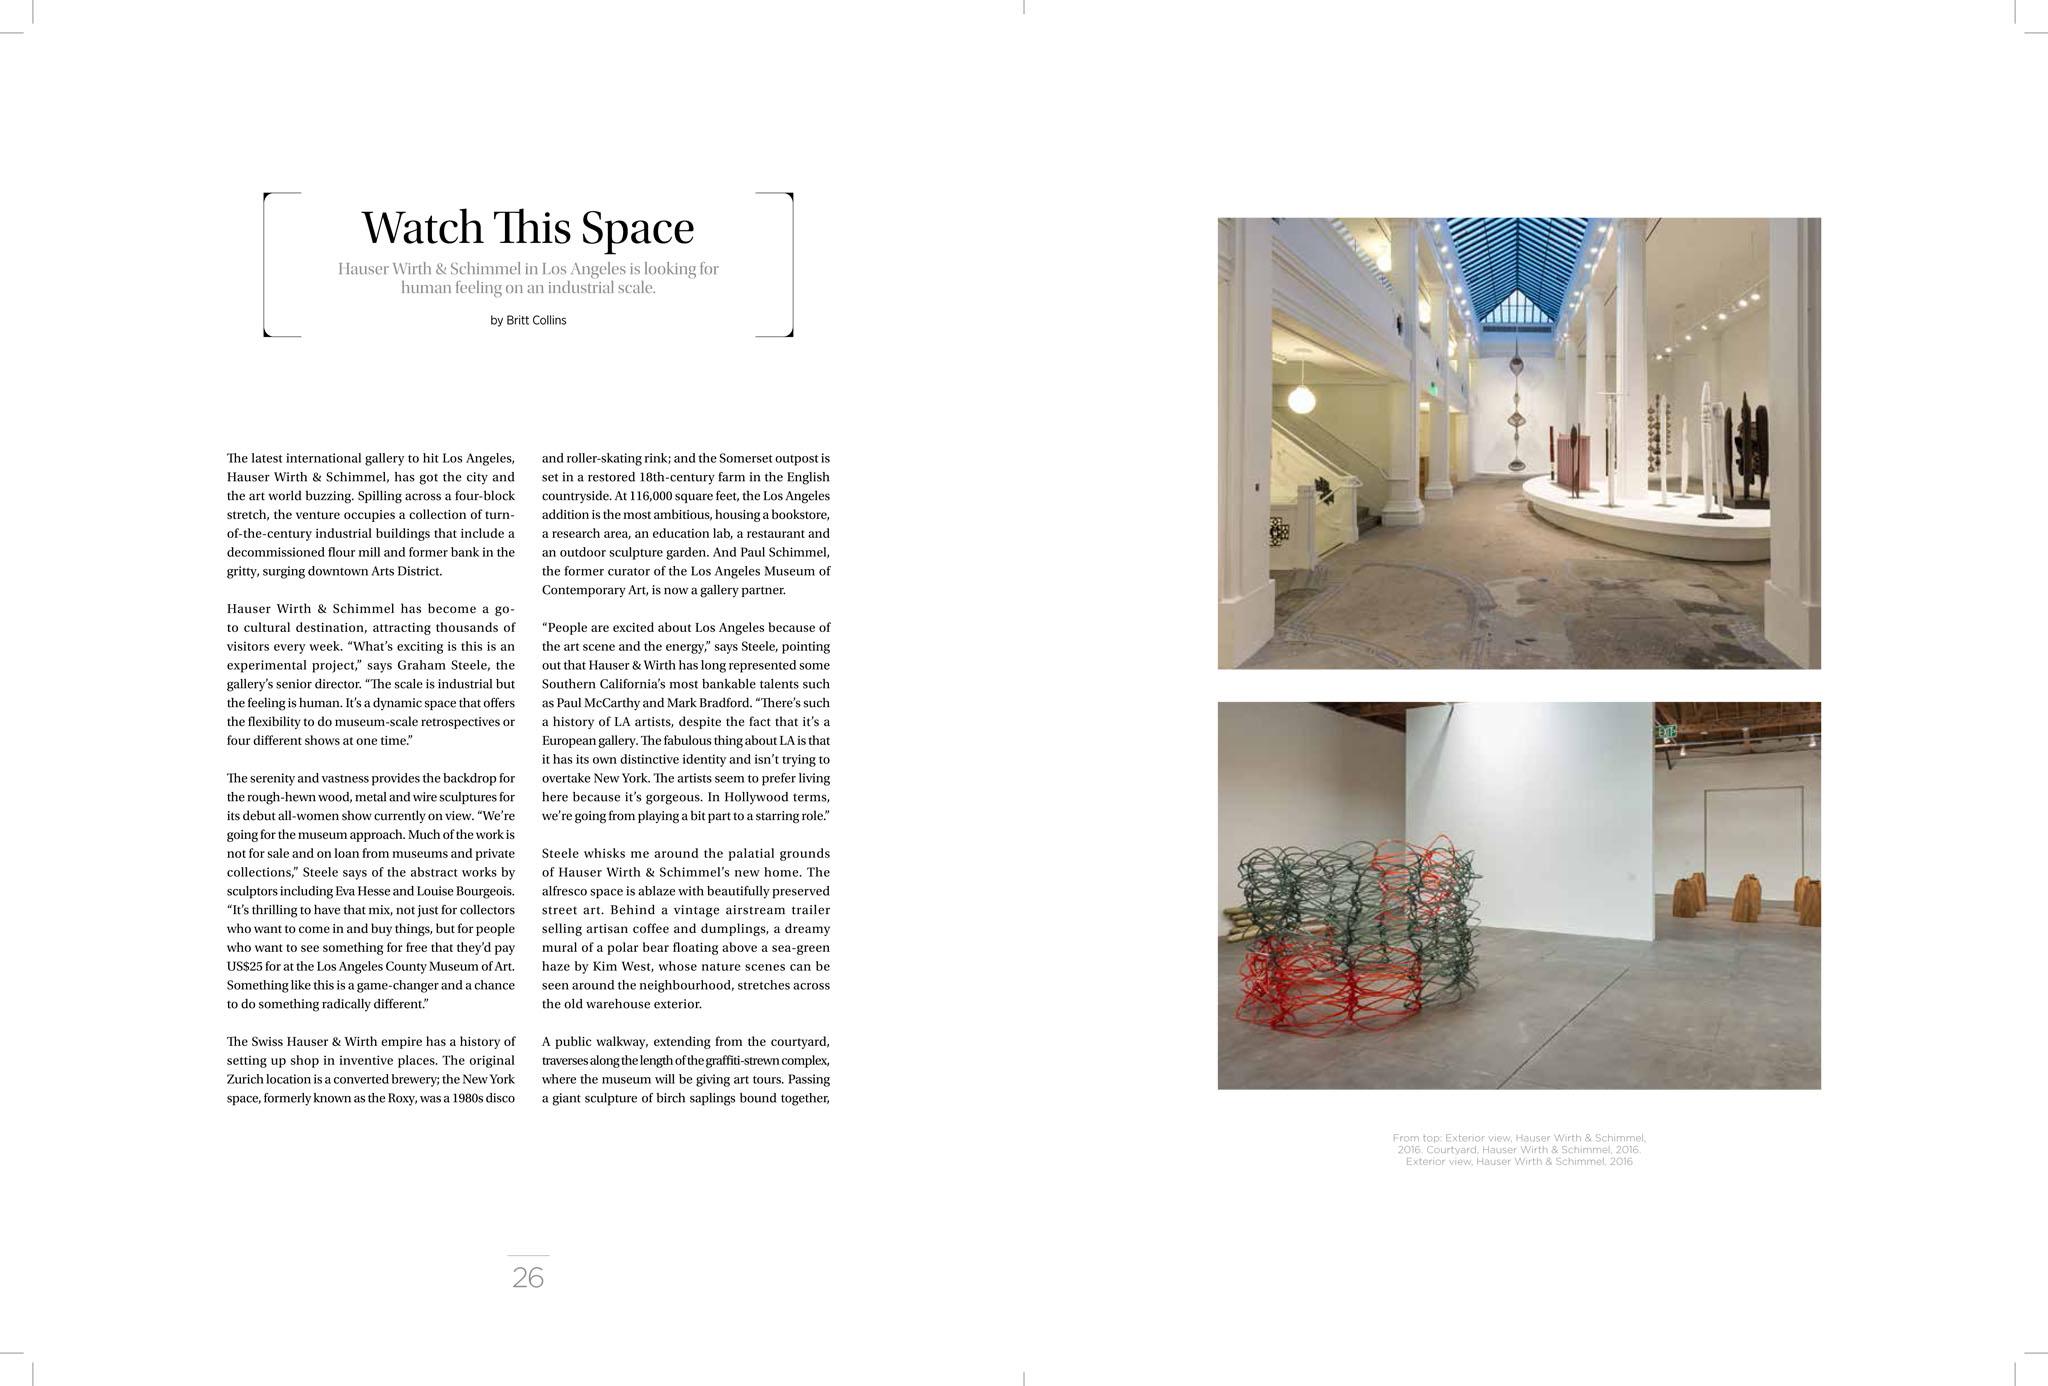 Watch This Space, Hauser & Wirth – Britt Collins